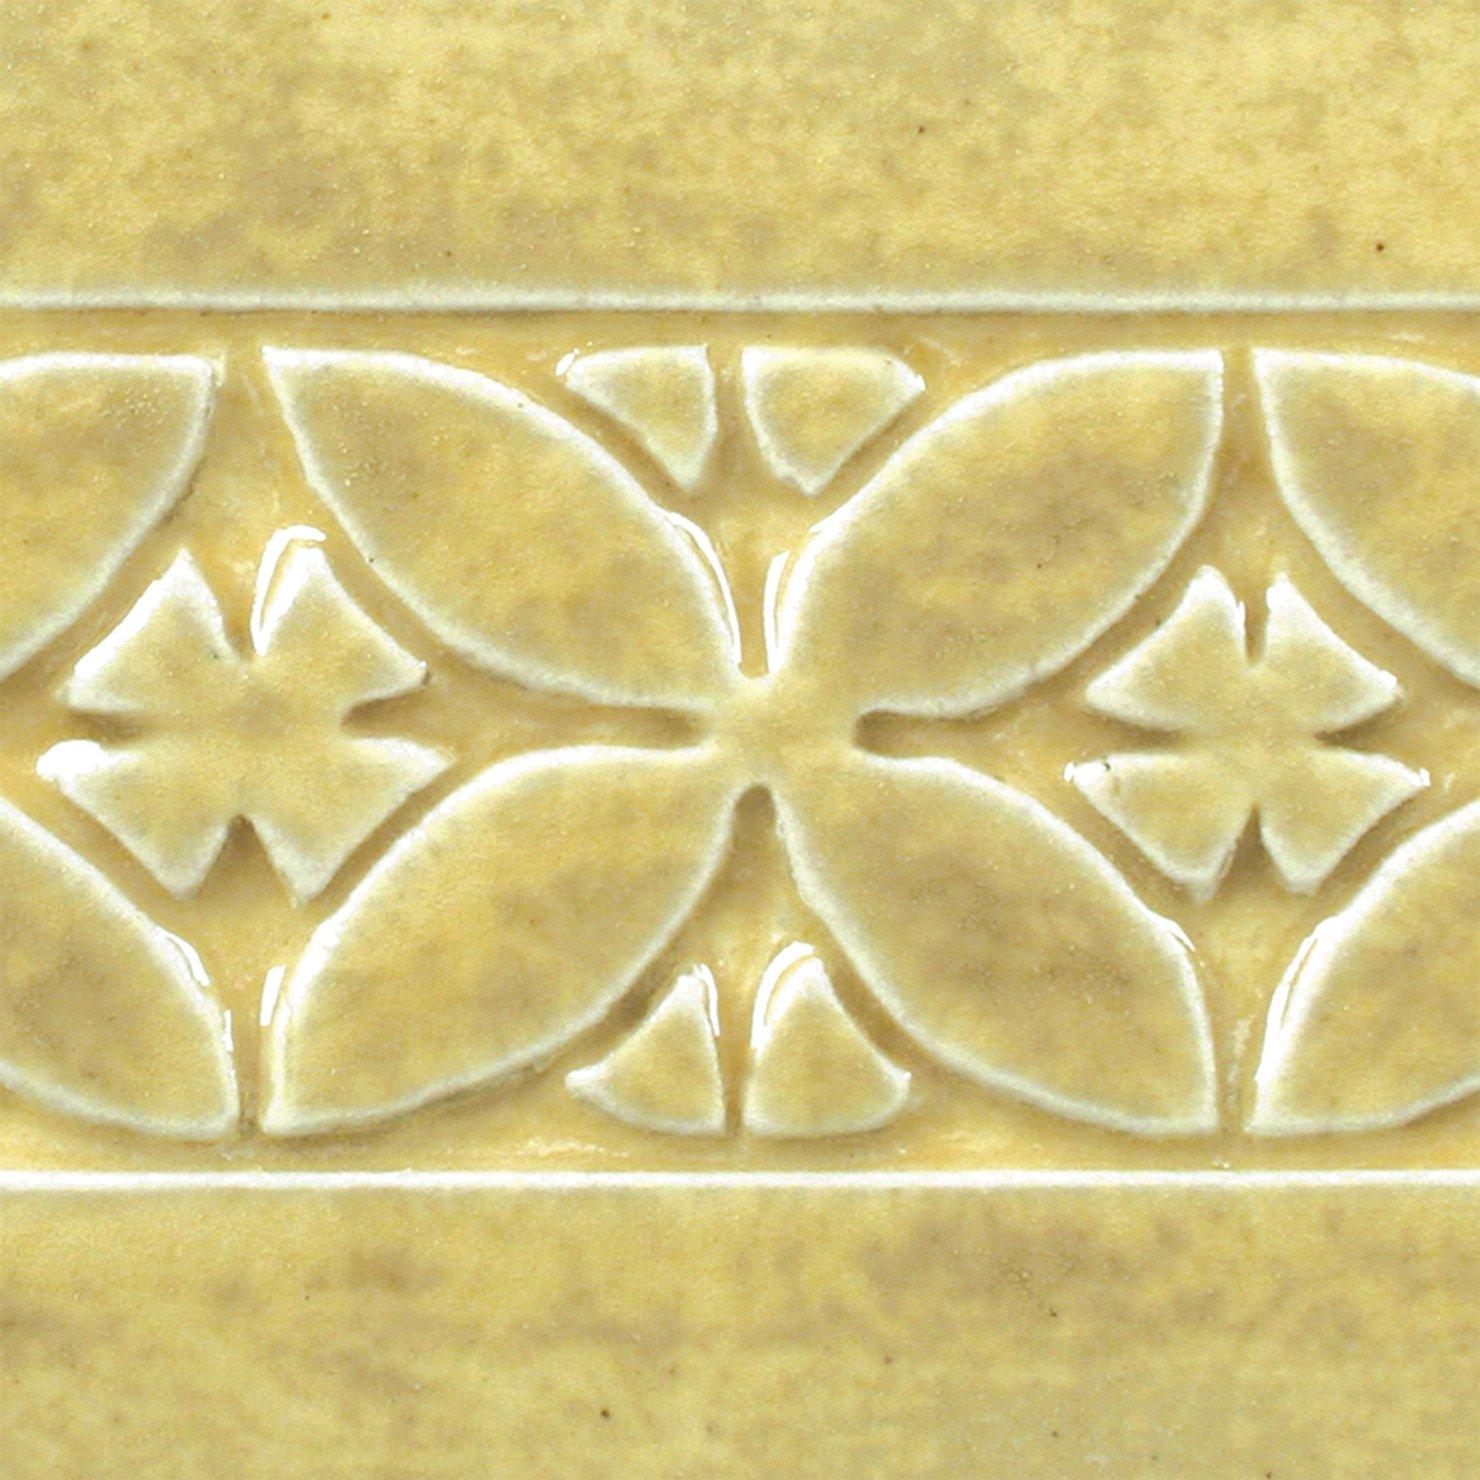 AMACO Potter's Choice Lead-Free Glaze, 1 pt, Oatmeal PC-31